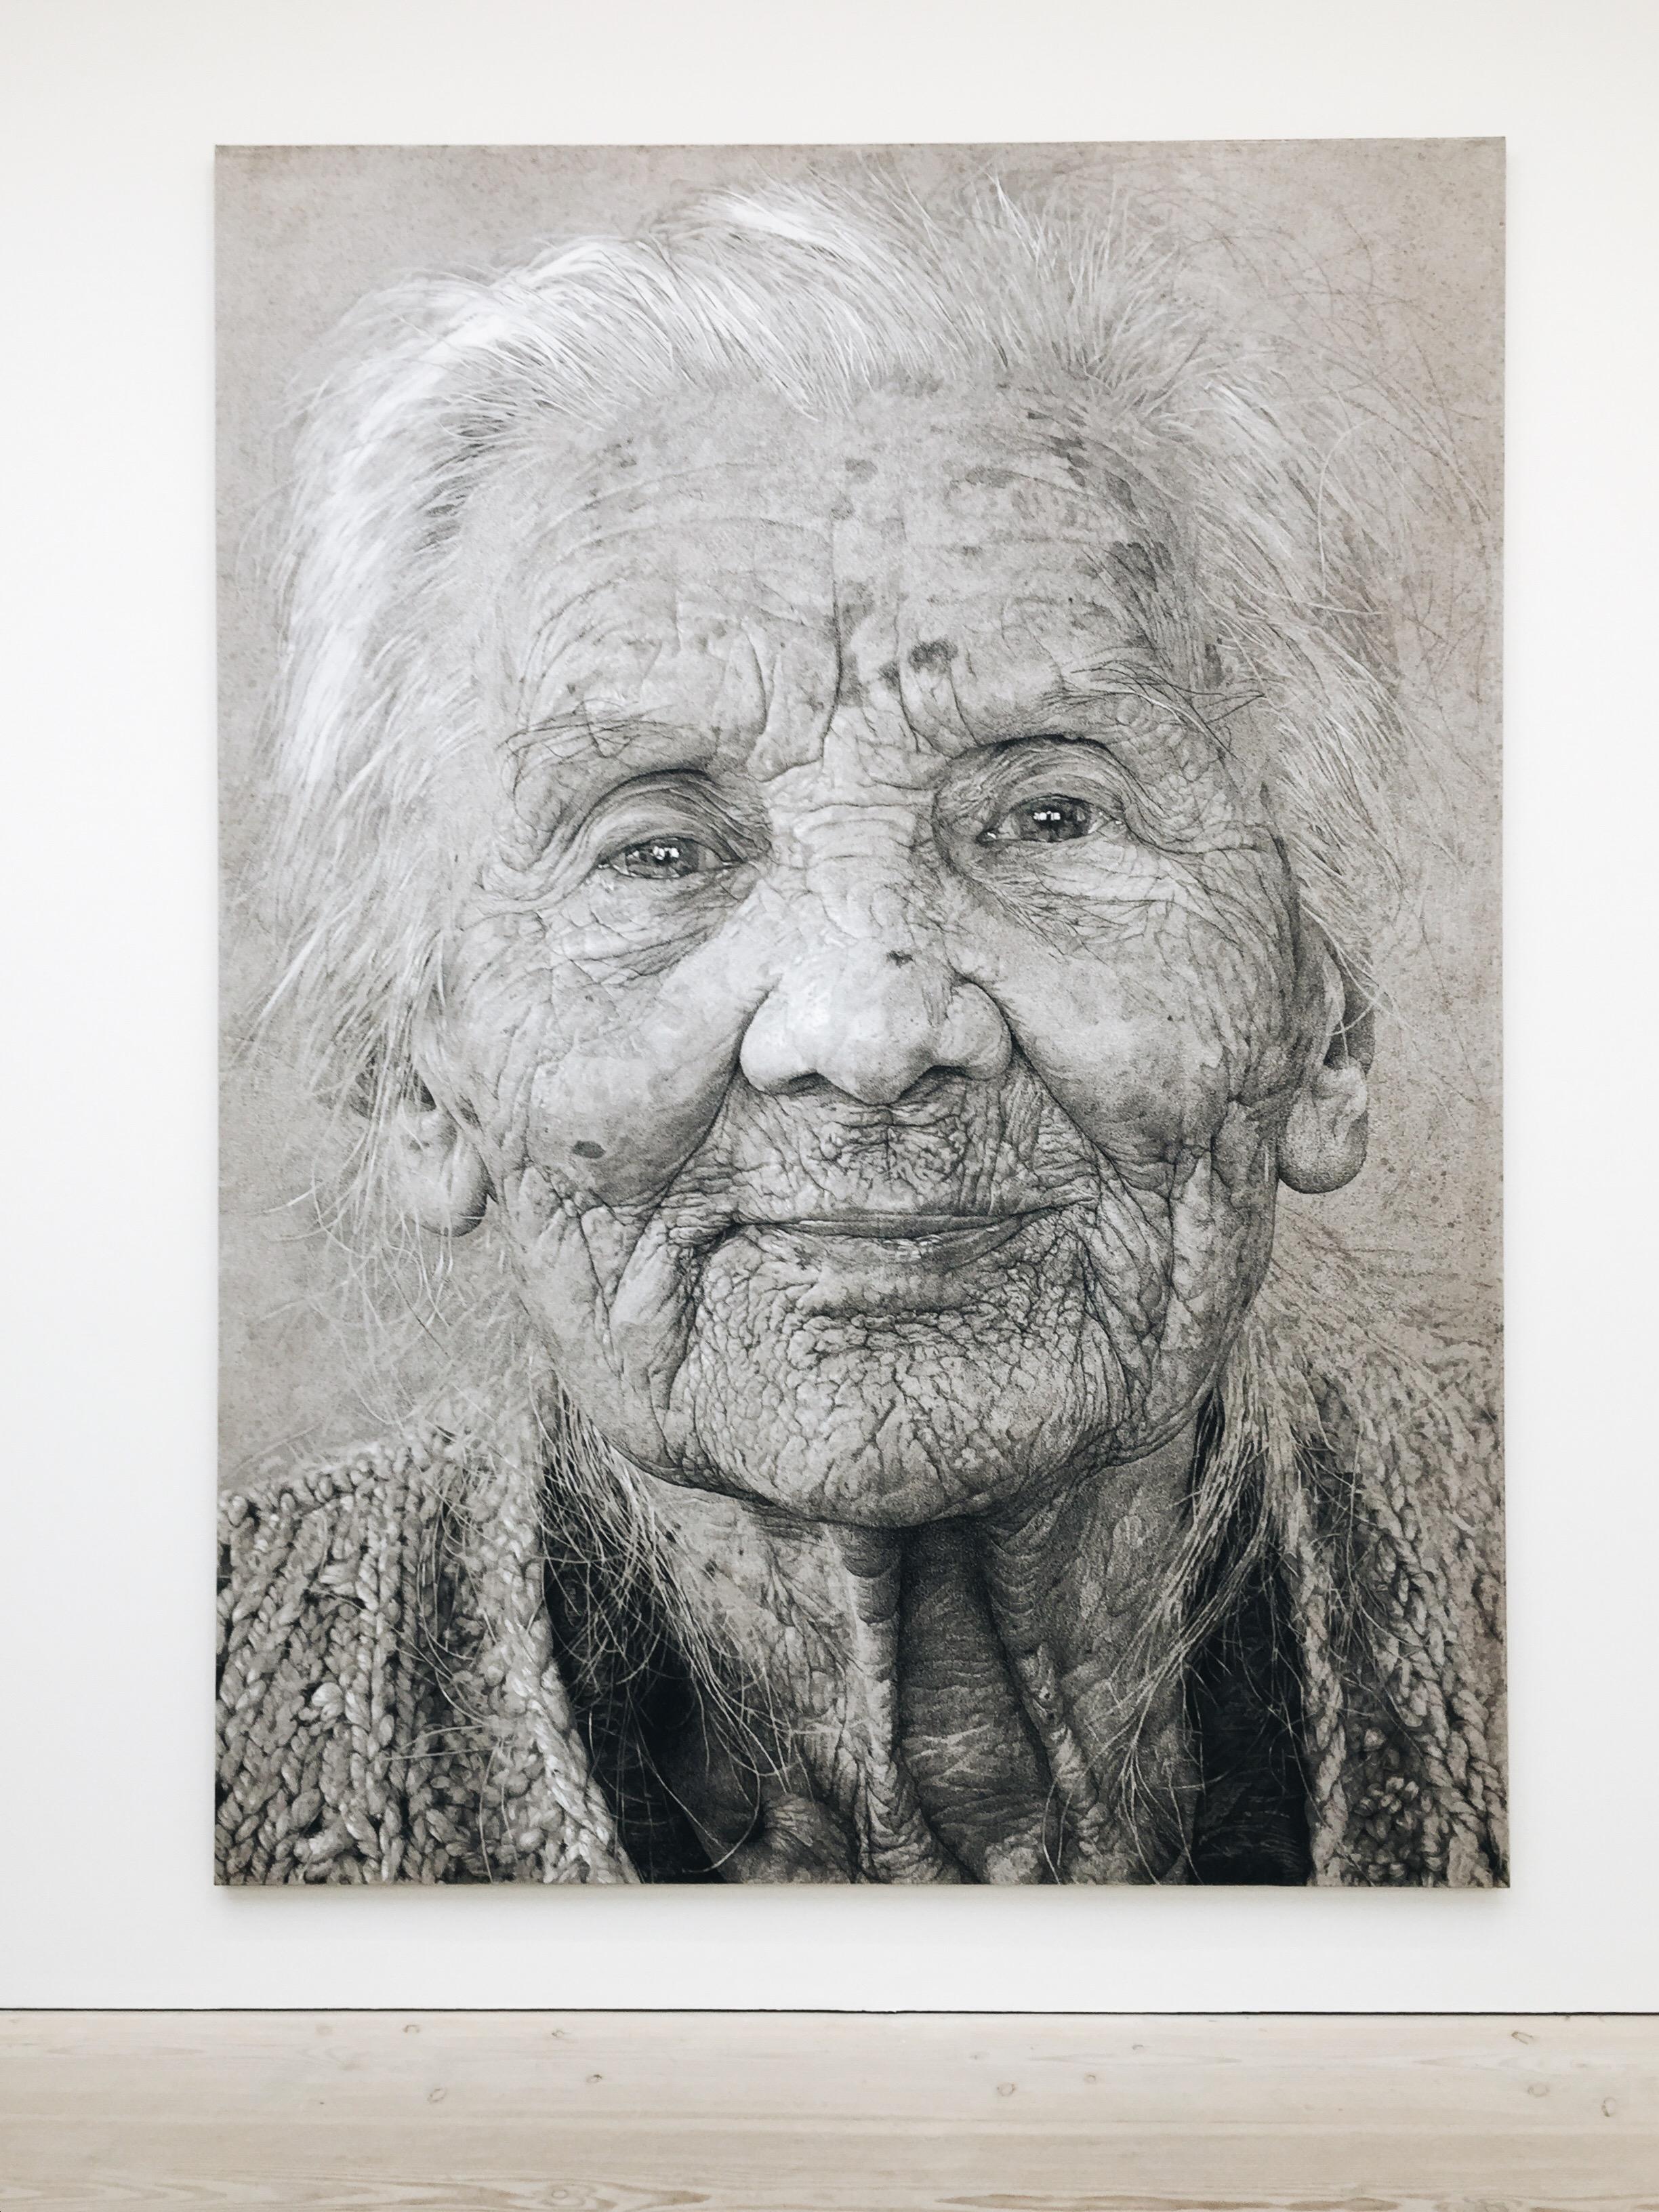 Grozda by  Jelena Bulajic, 2012